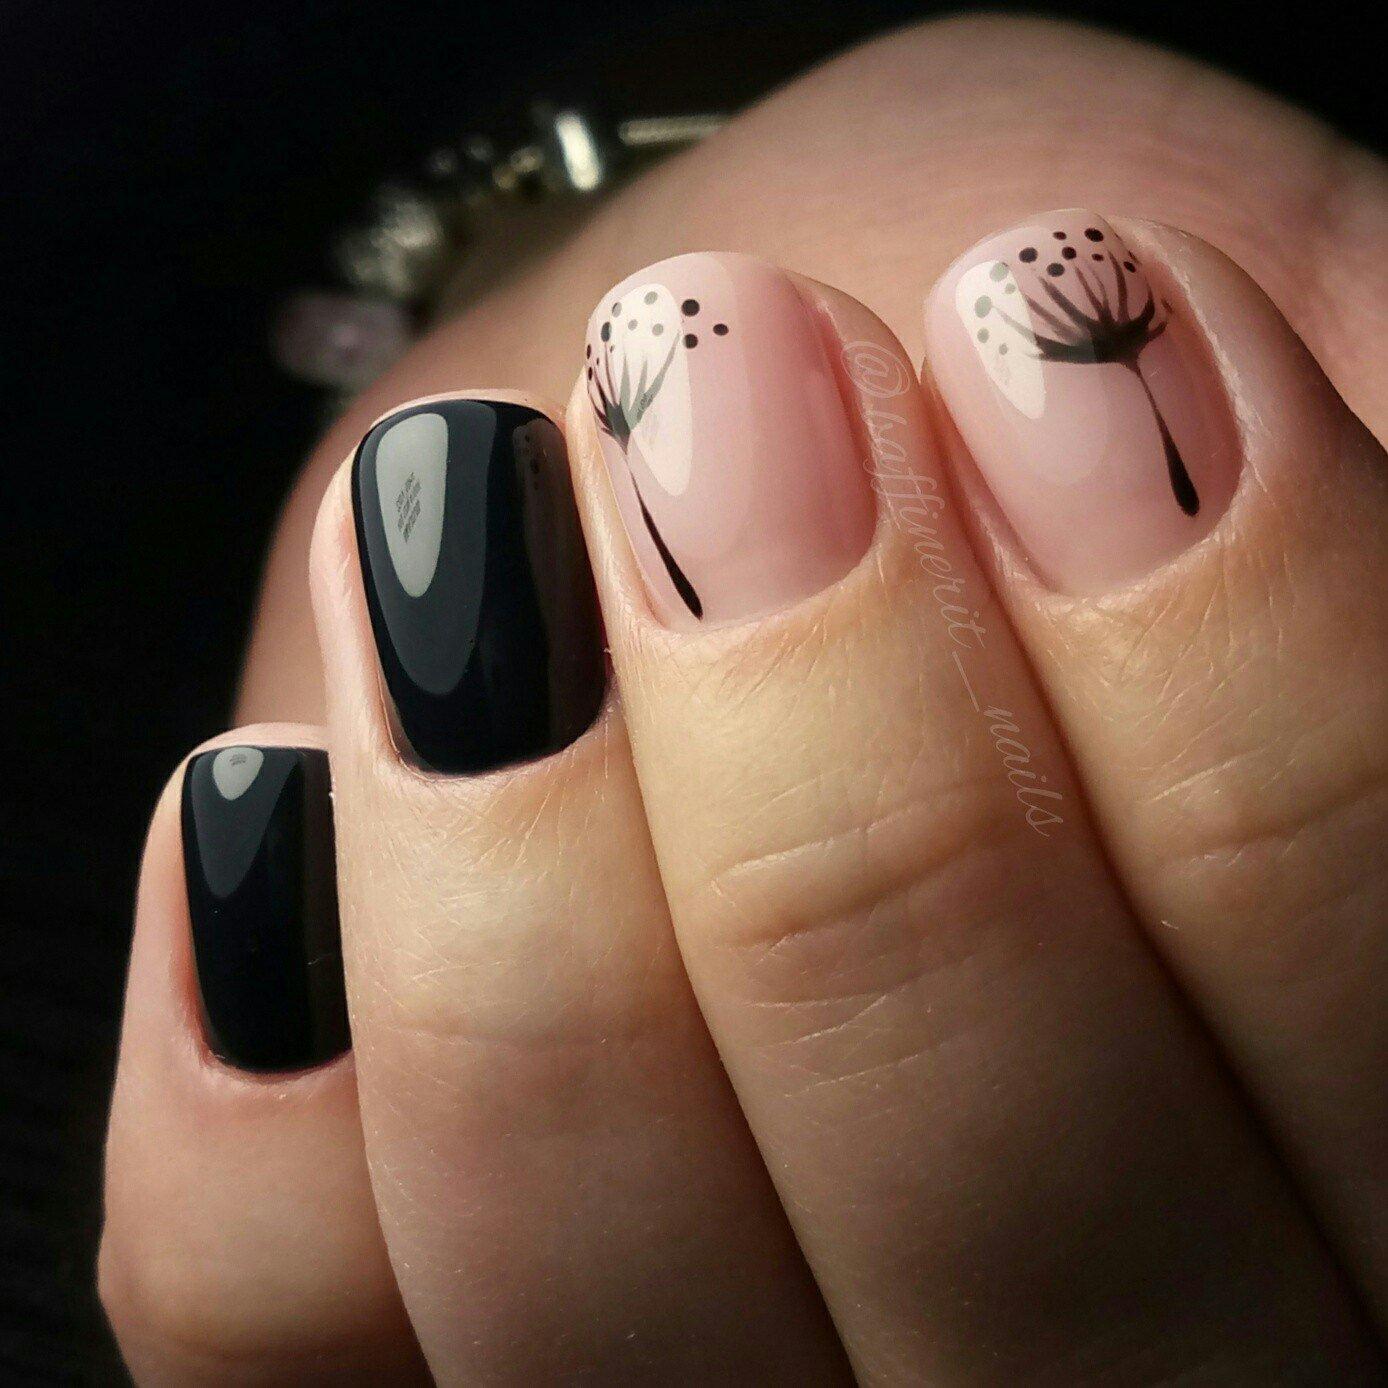 ичто забывается простые дизайны маникюра на короткие ногти фото также допустима, требует